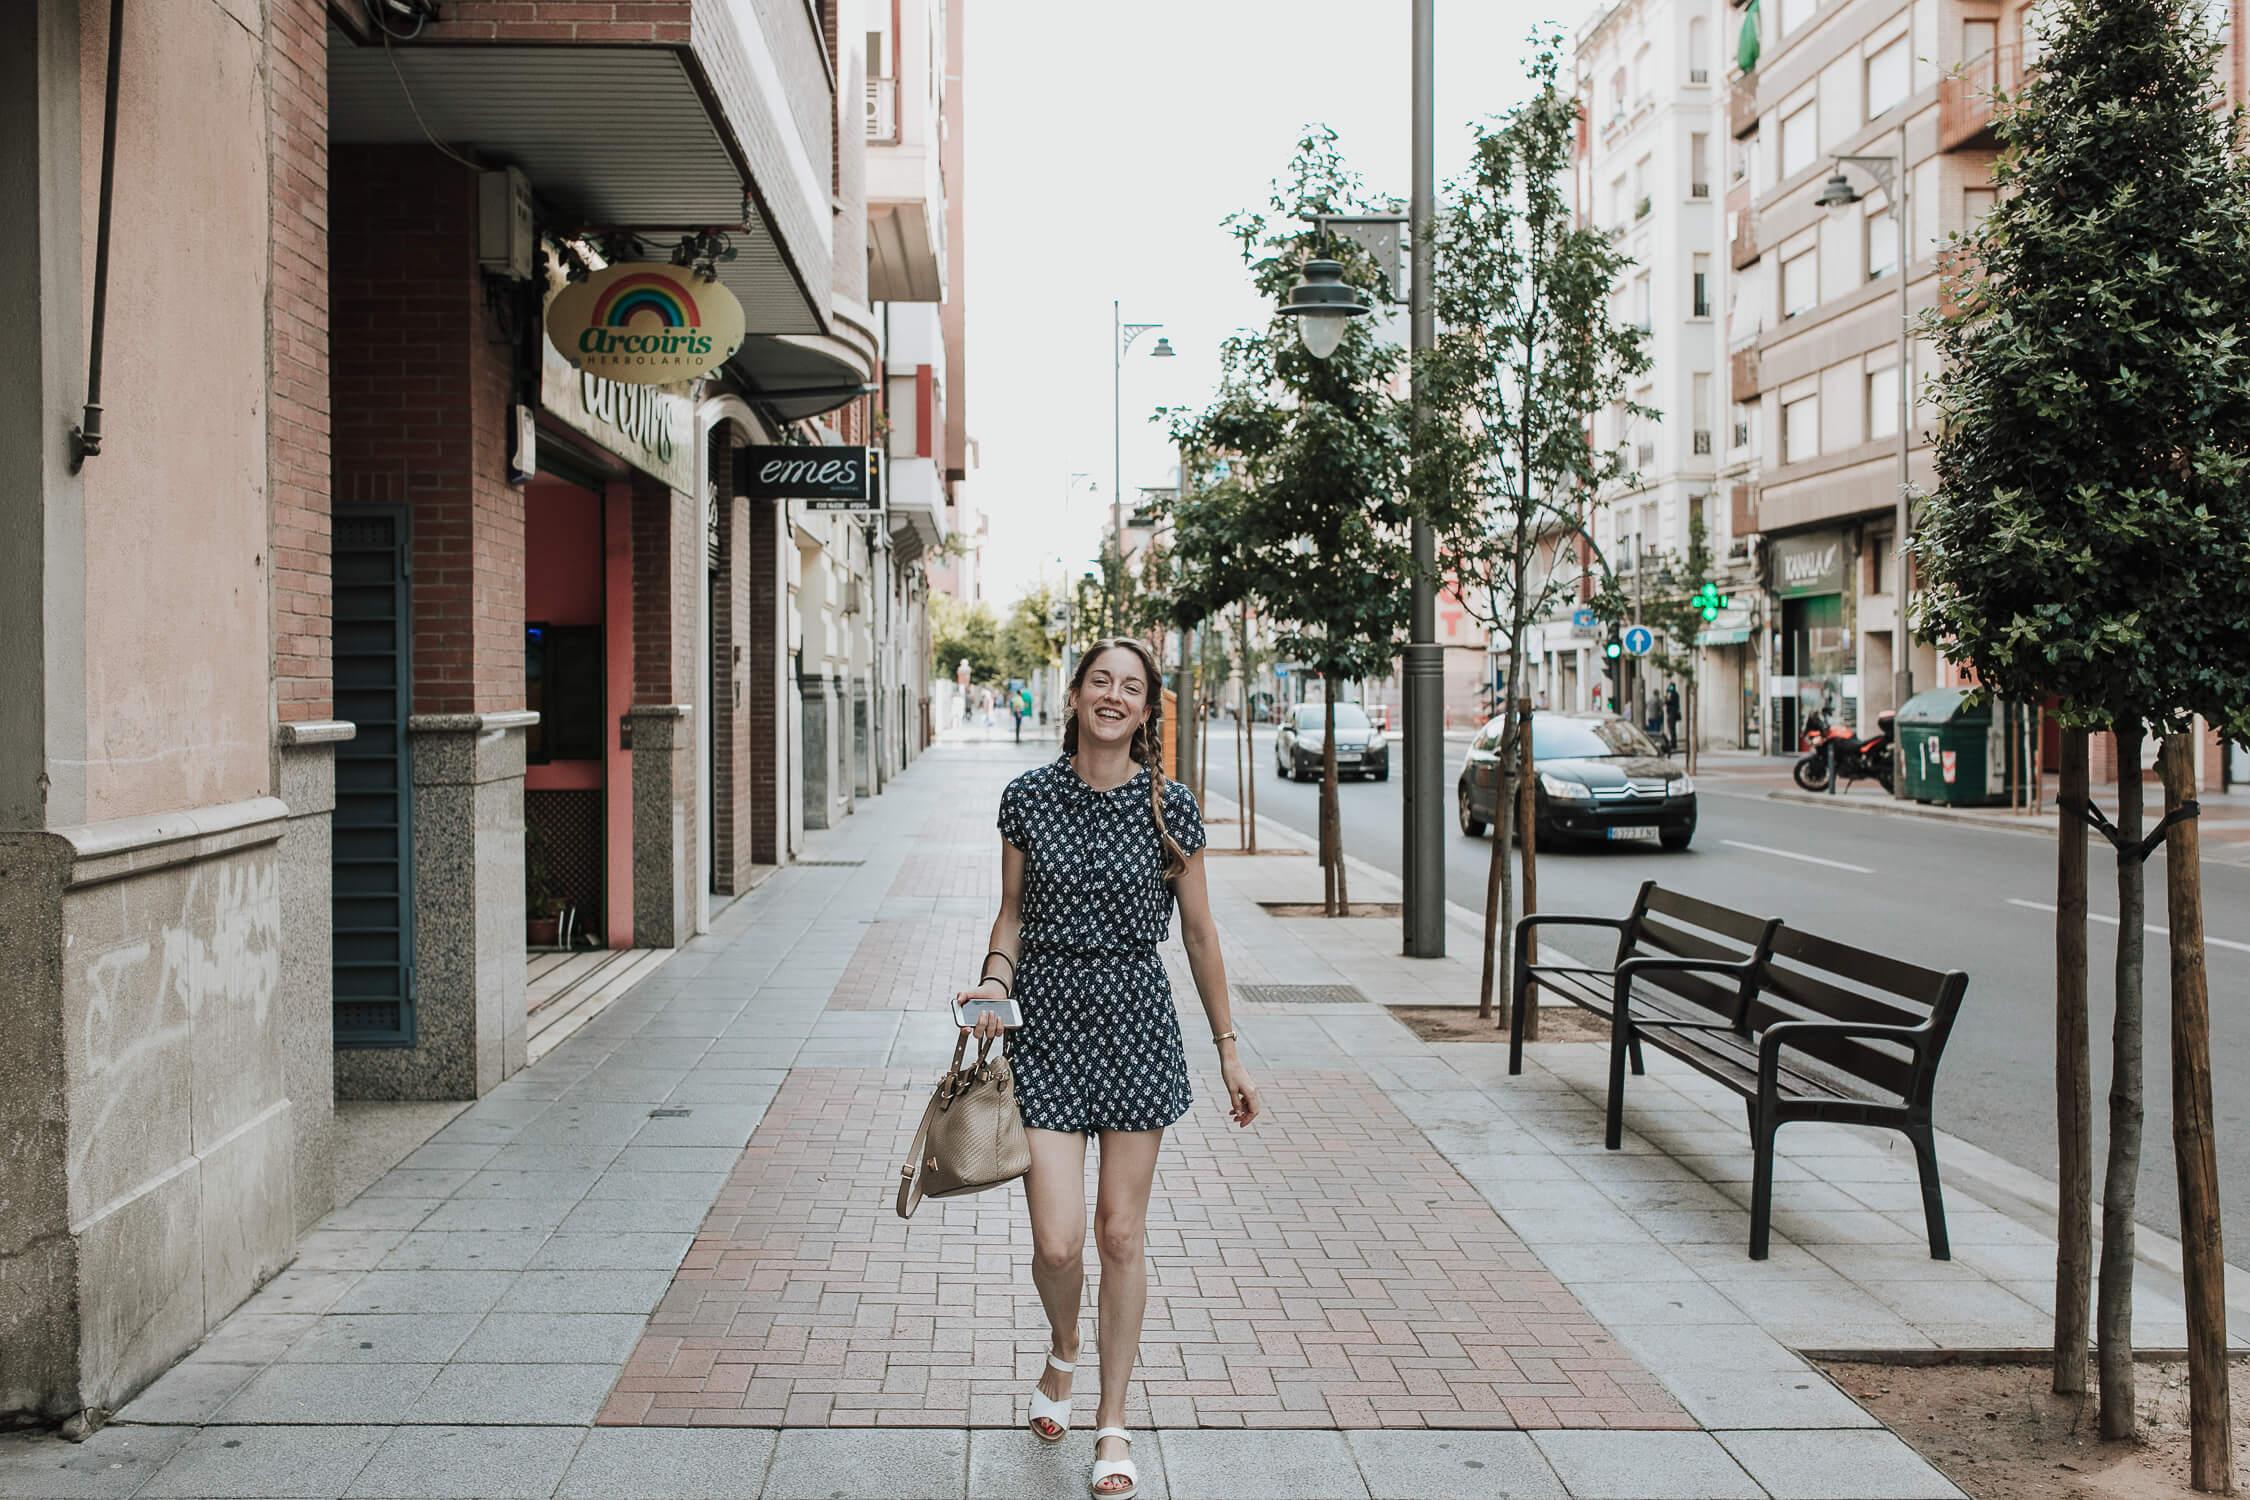 novia caminando por la calle BODA EZCARAY HOTEL ECHAURREN